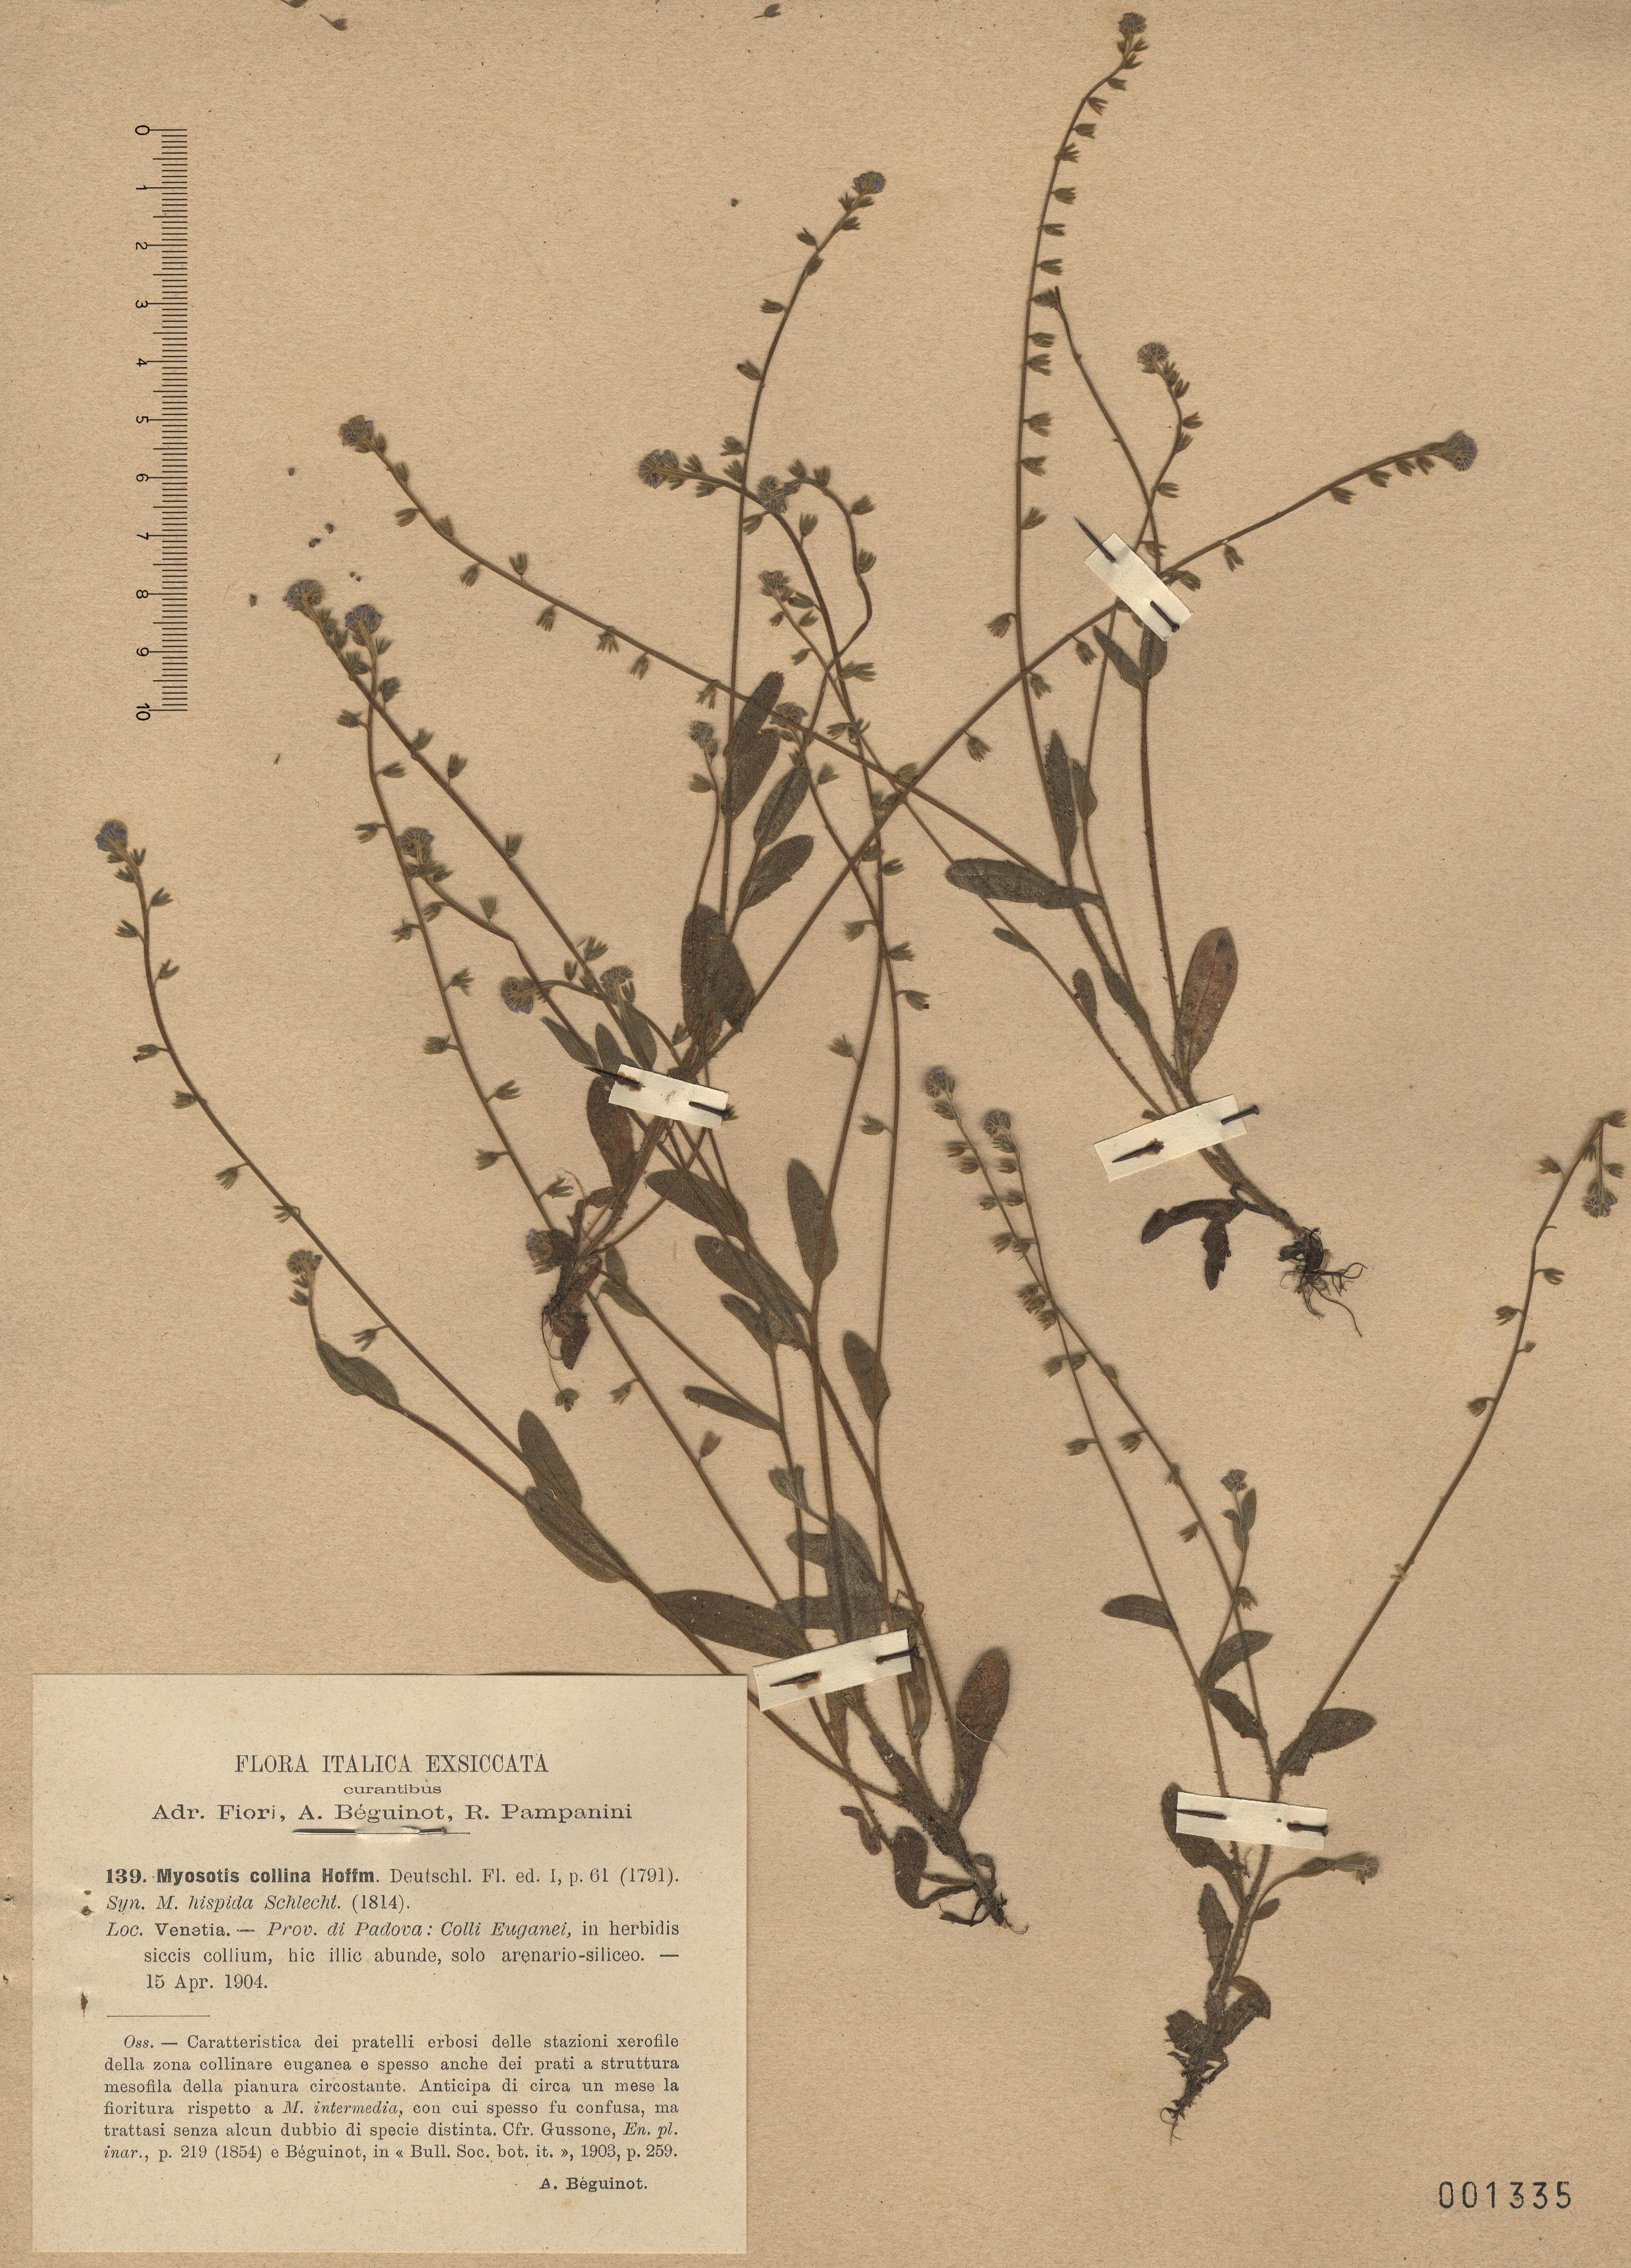 © Hortus Botanicus Catinensis - Herb. sheet 001335<br>